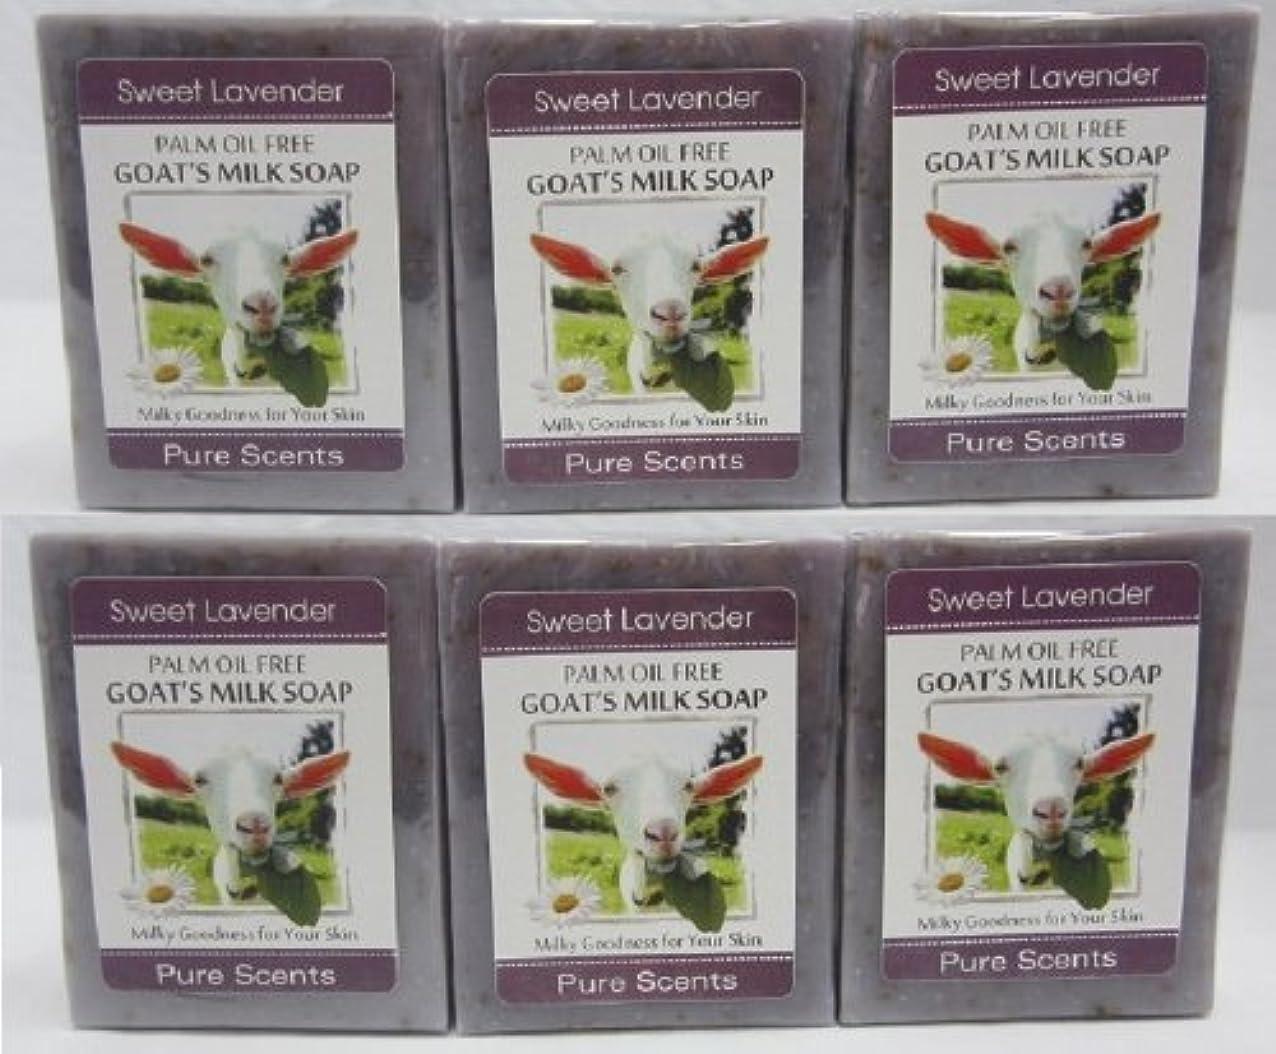 目覚めるトースト契約【Pure Scents】Goat's Milk Soap ヤギのミルクせっけん 6個セット Sweet Lavender スイートラベンダー